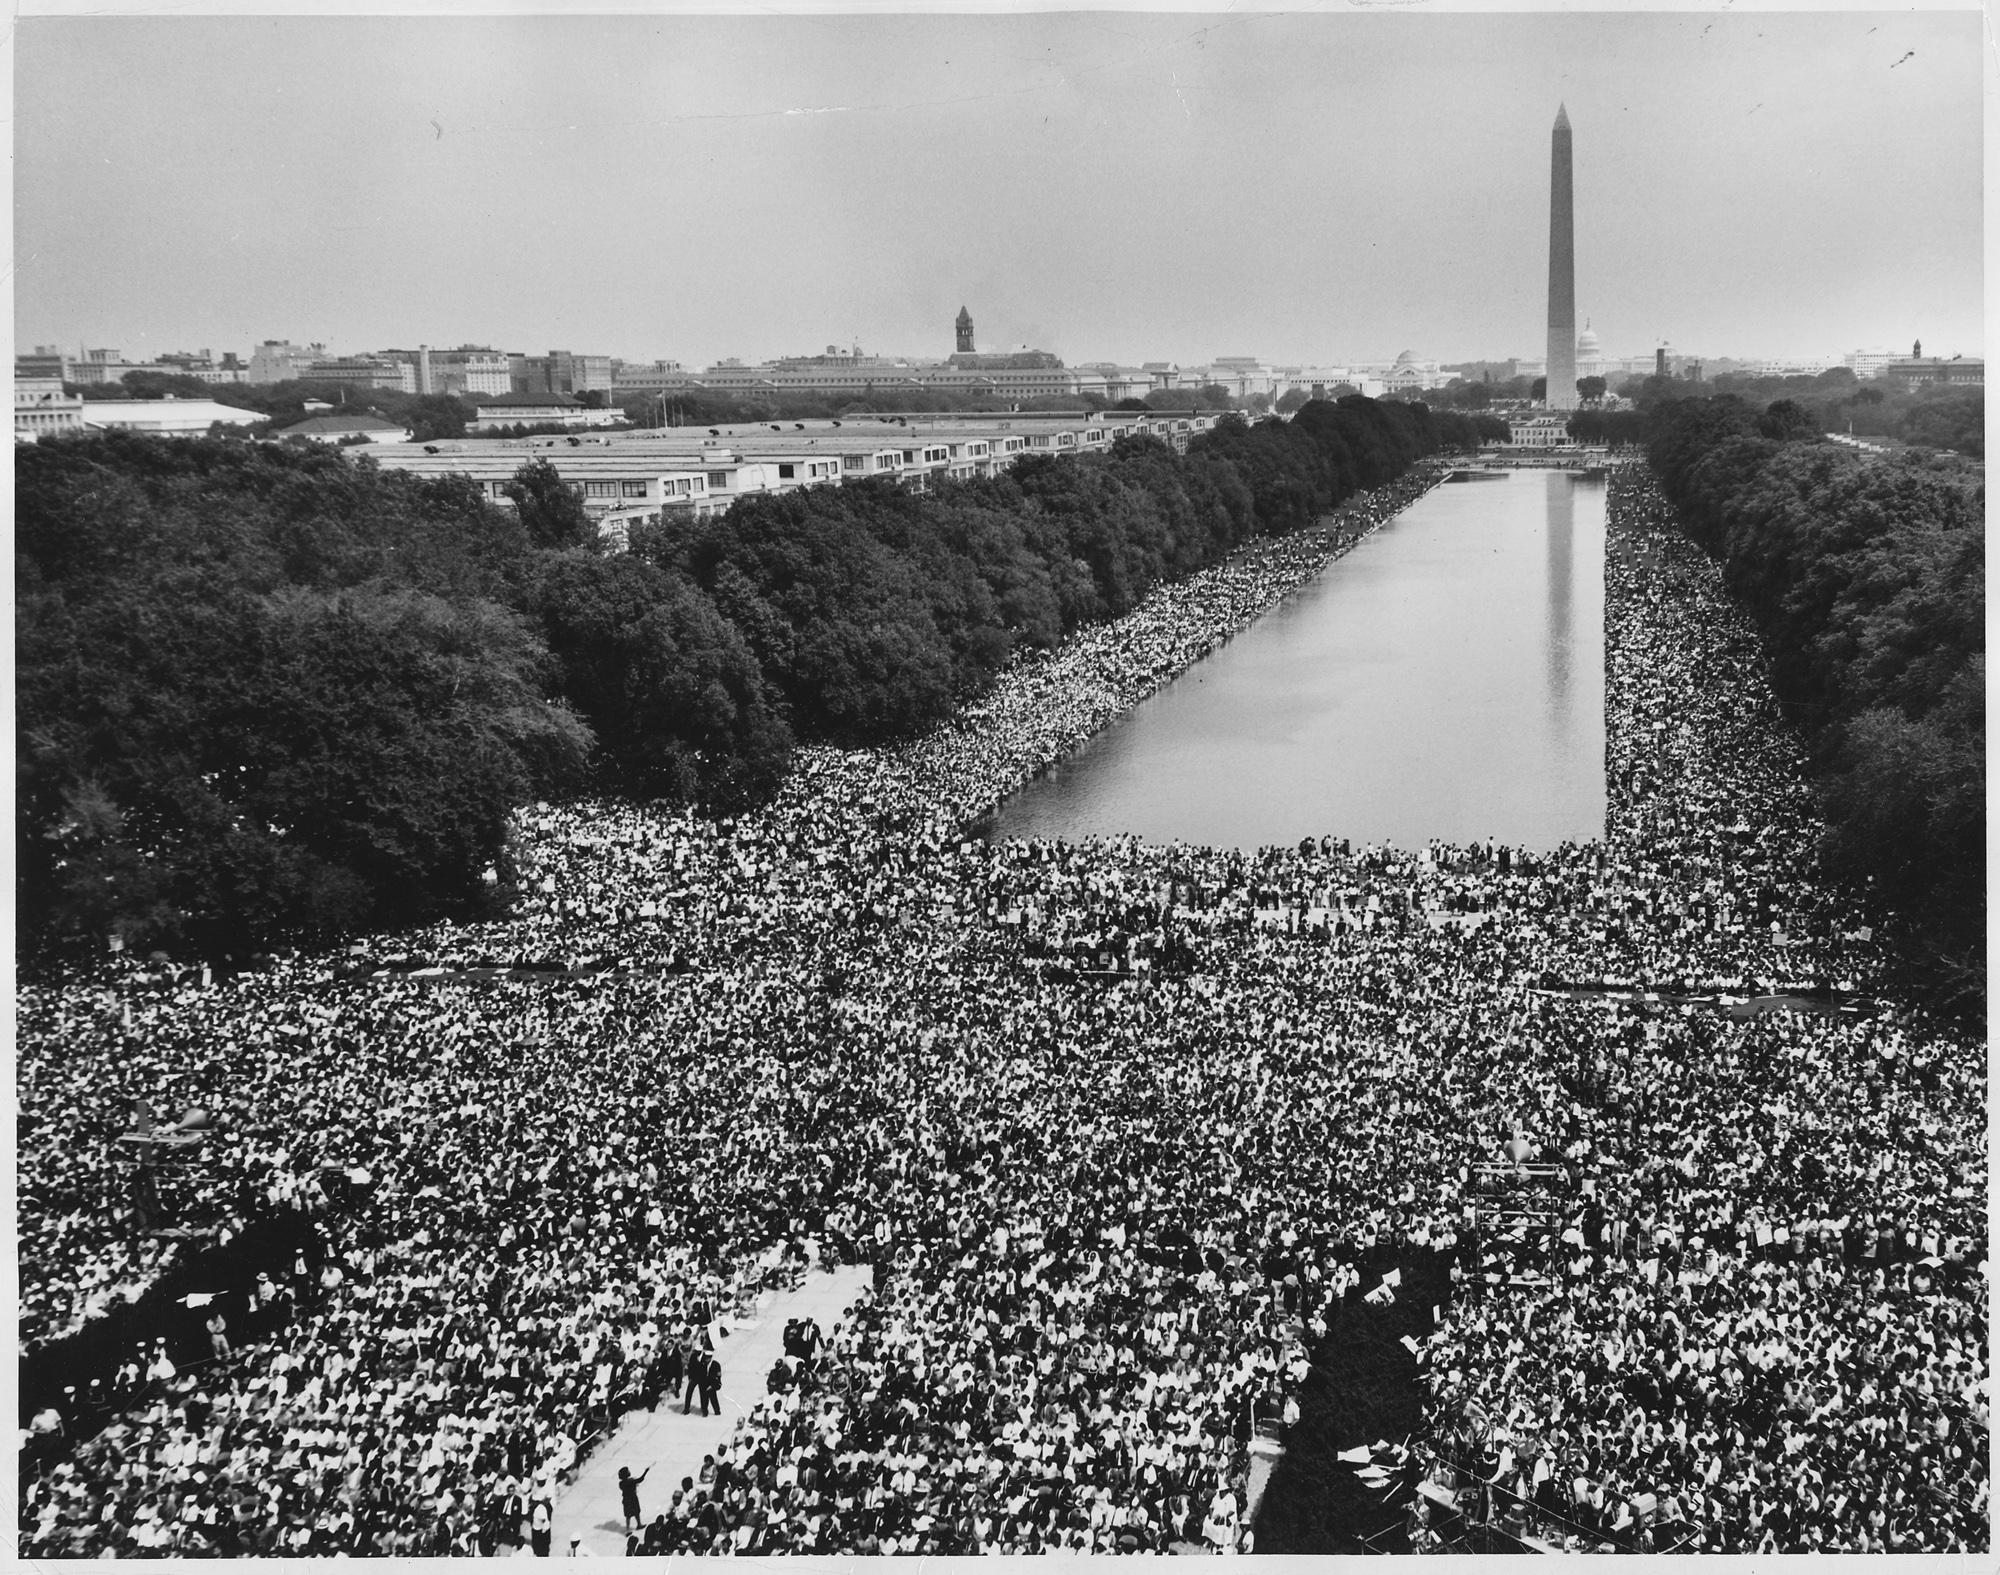 image of March on Washington 1963